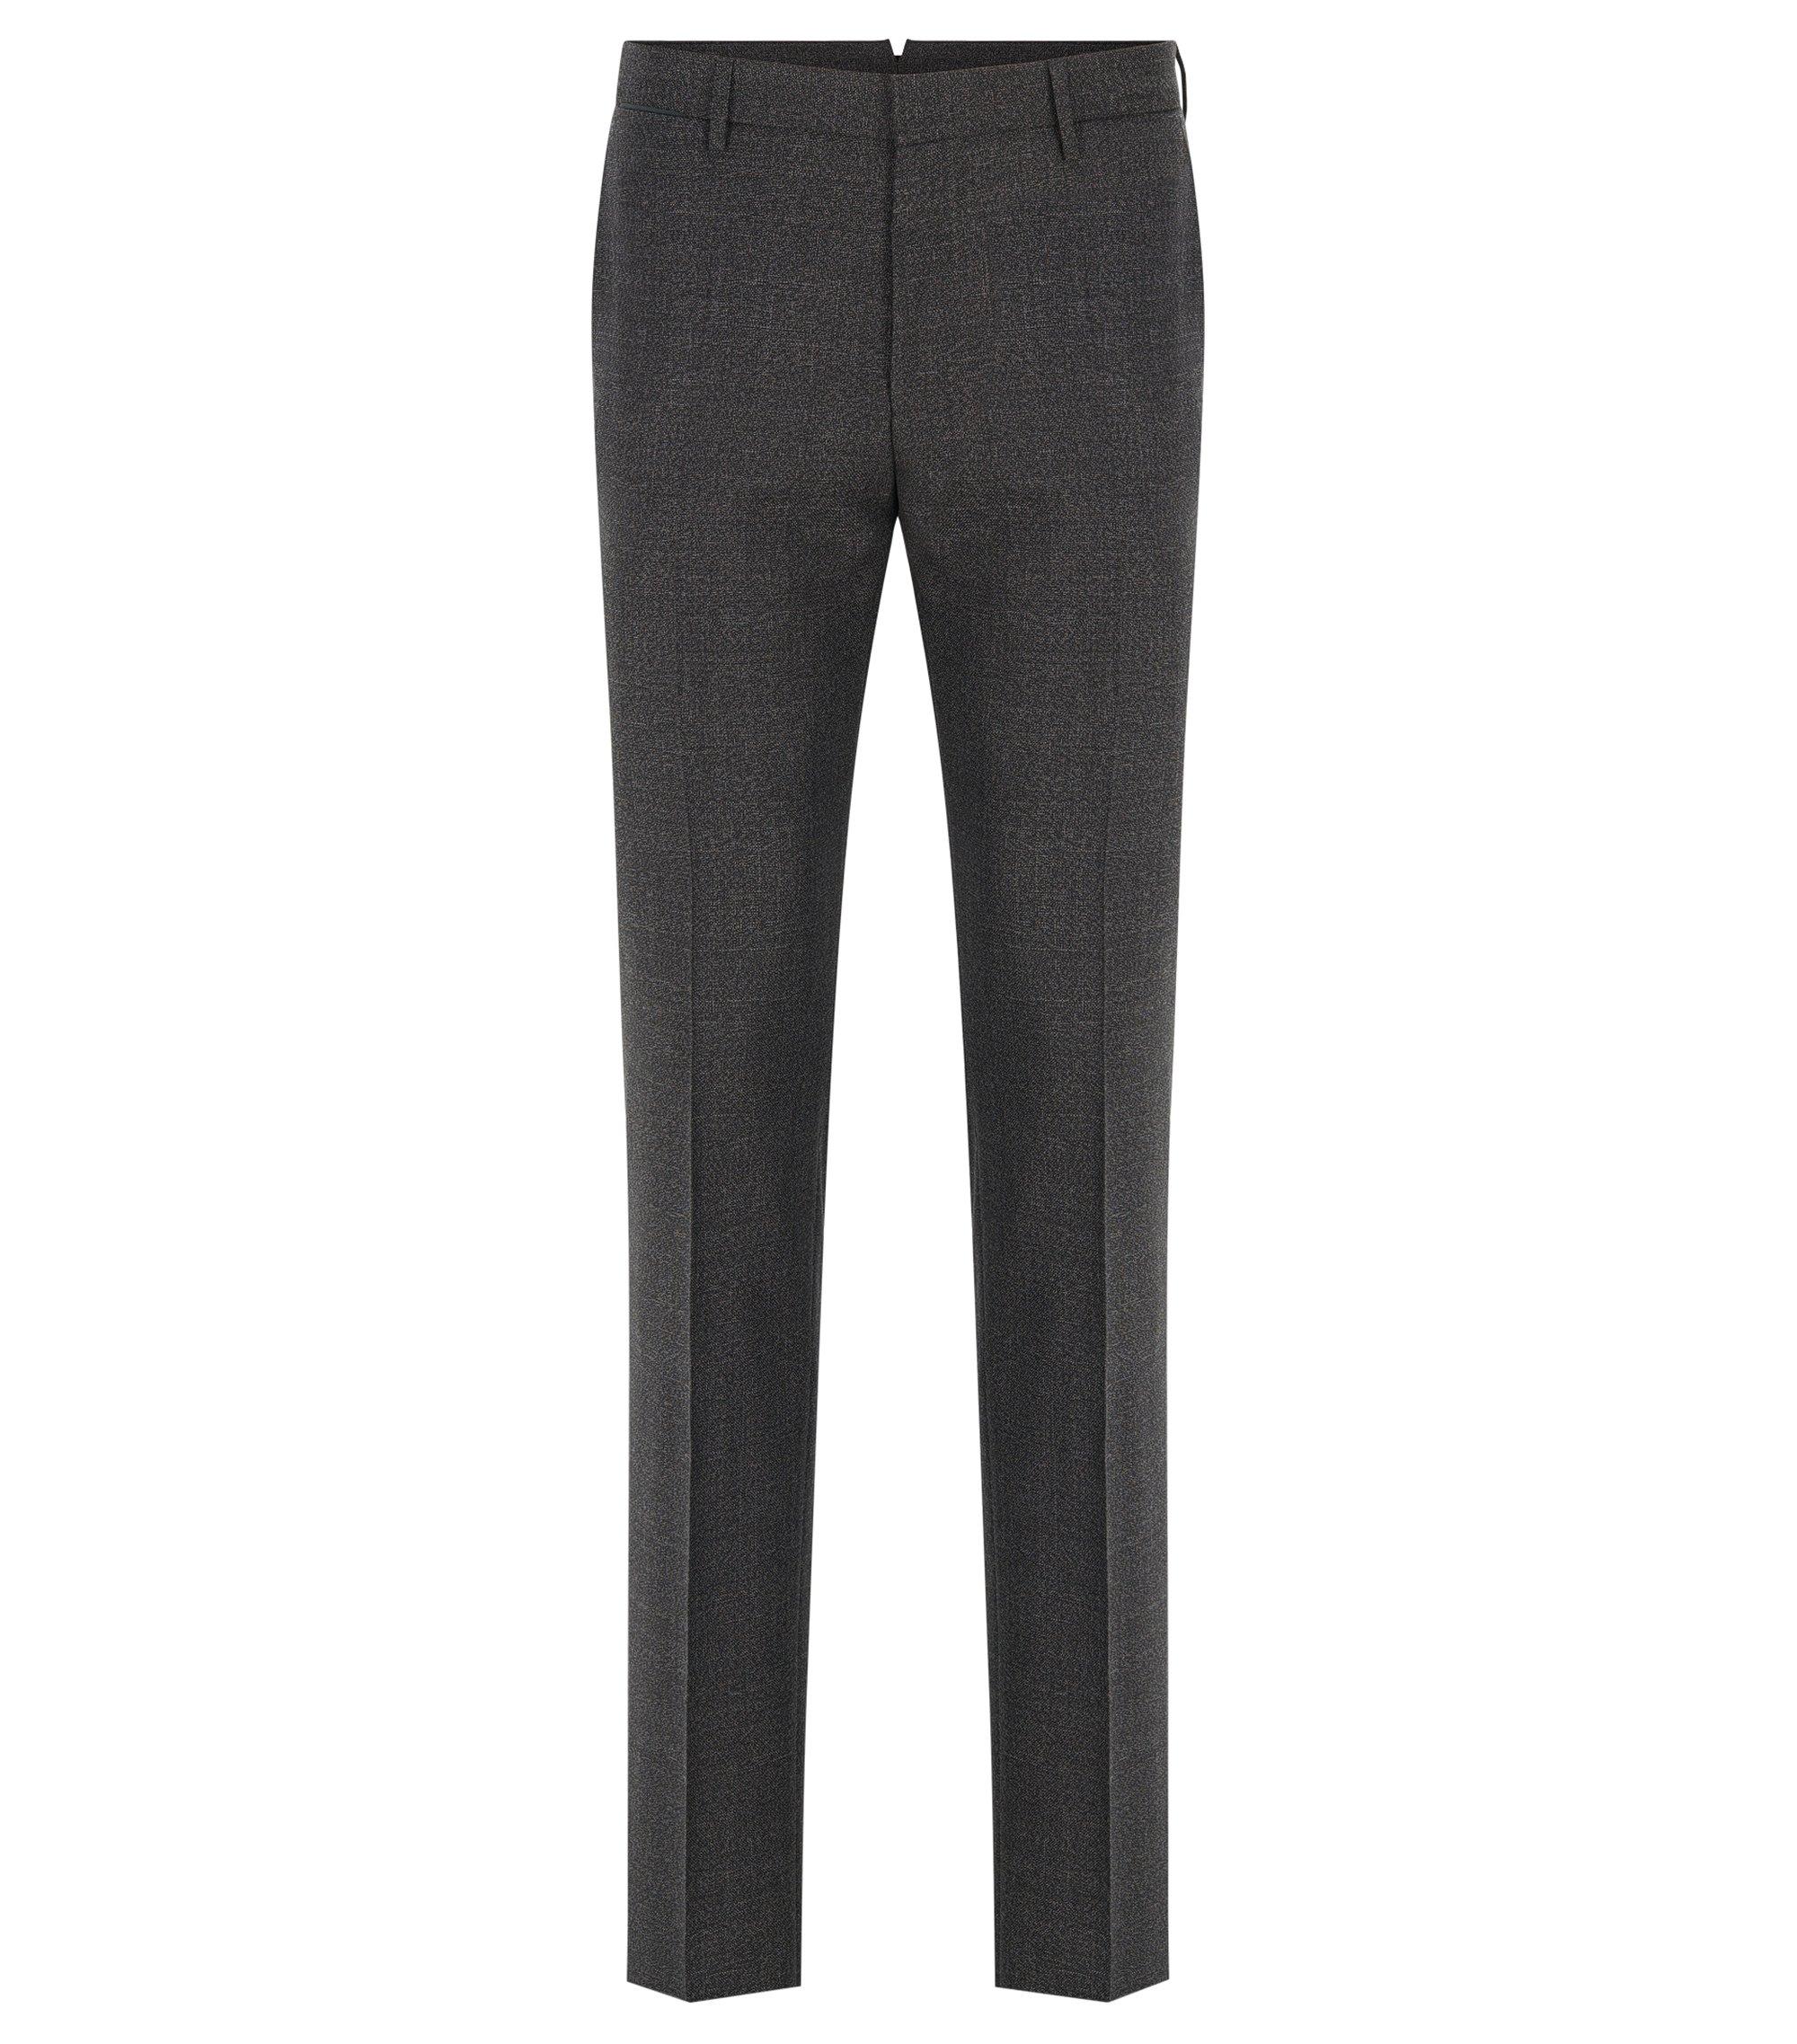 Pantalon Slim Fit en laine vierge moulinée. , Gris sombre